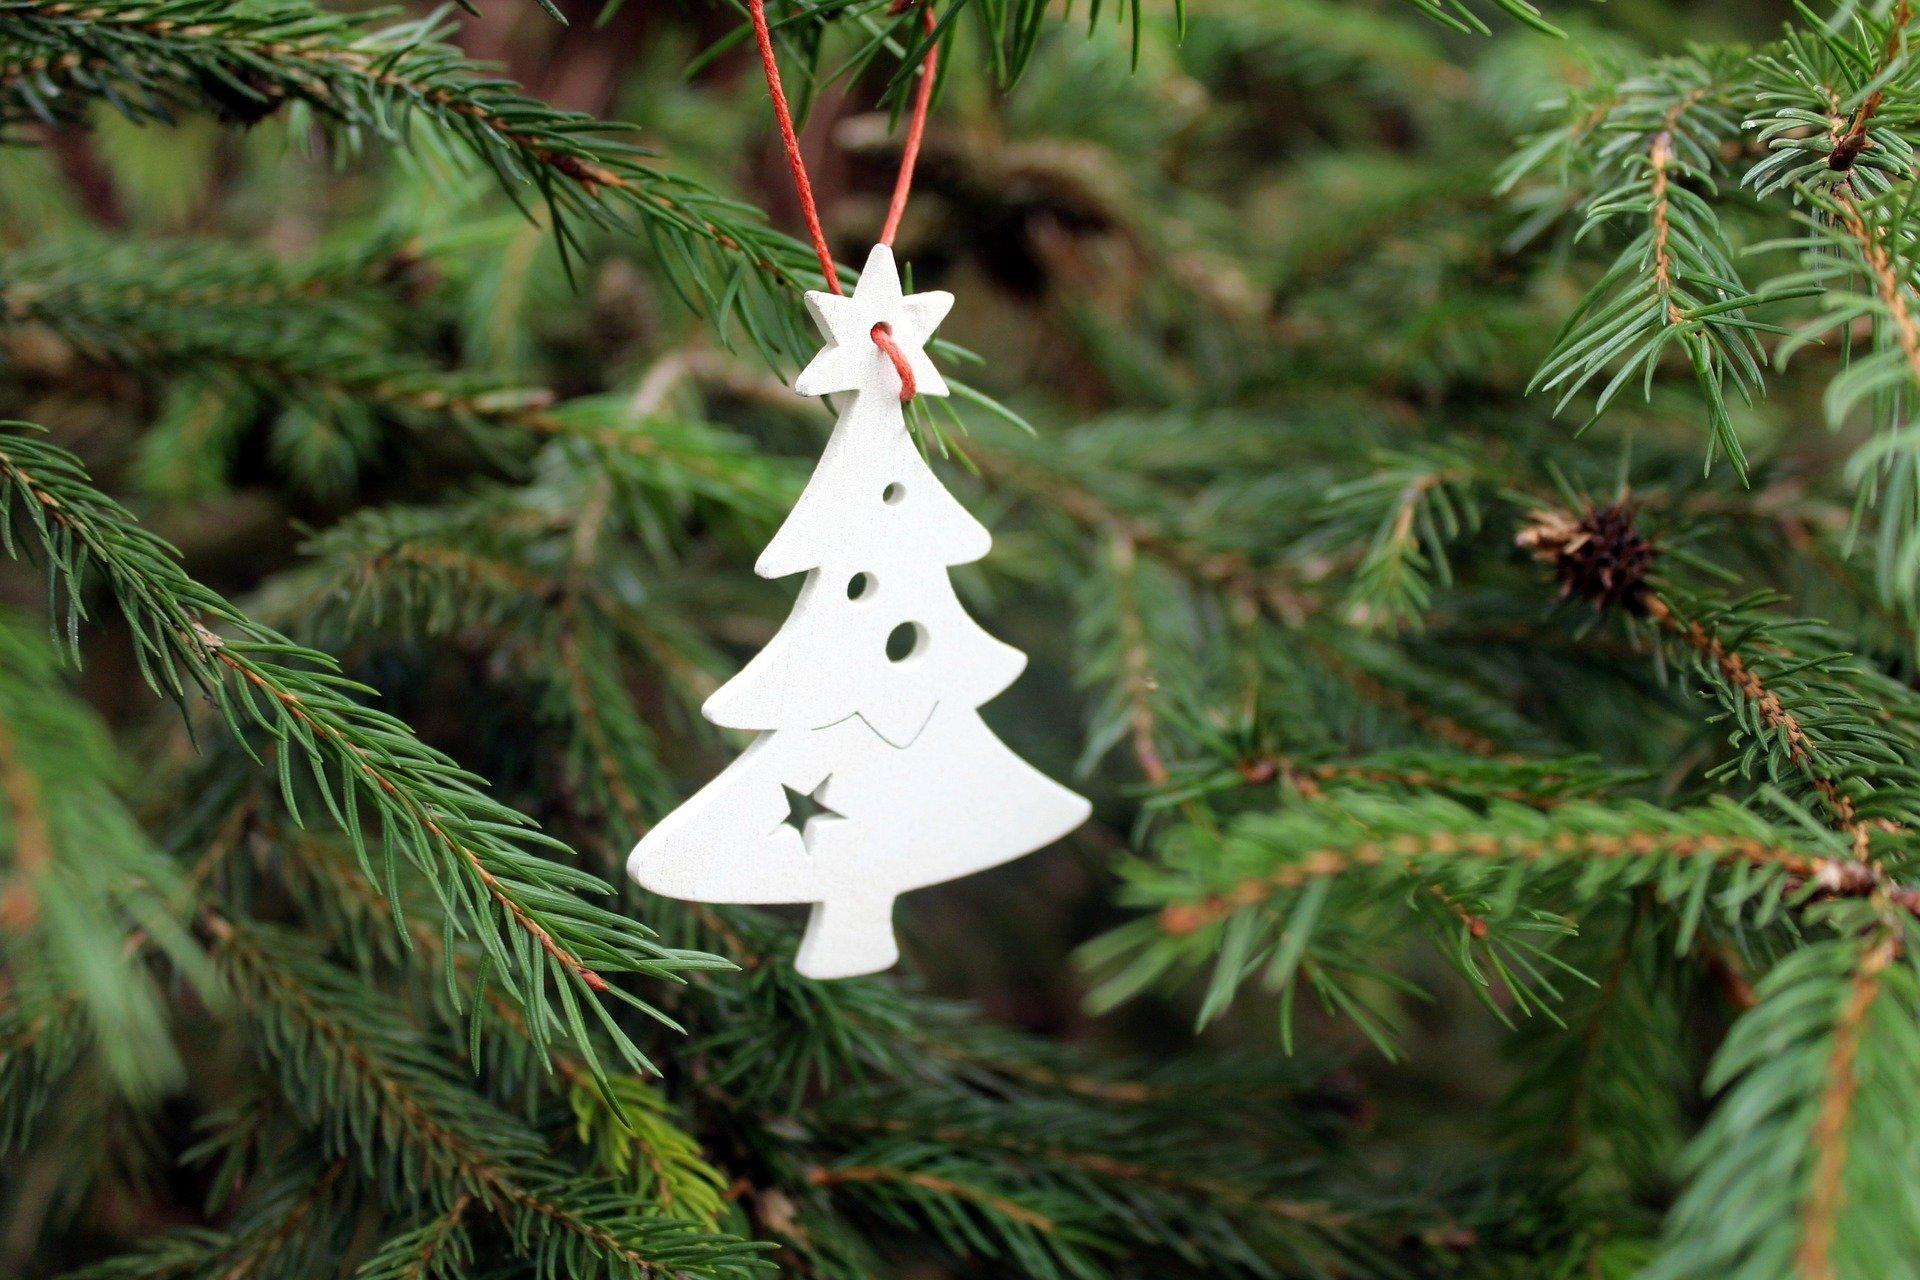 Wesoła Choinka Wierszyk Dla Dzieci świąteczne I Zimowe